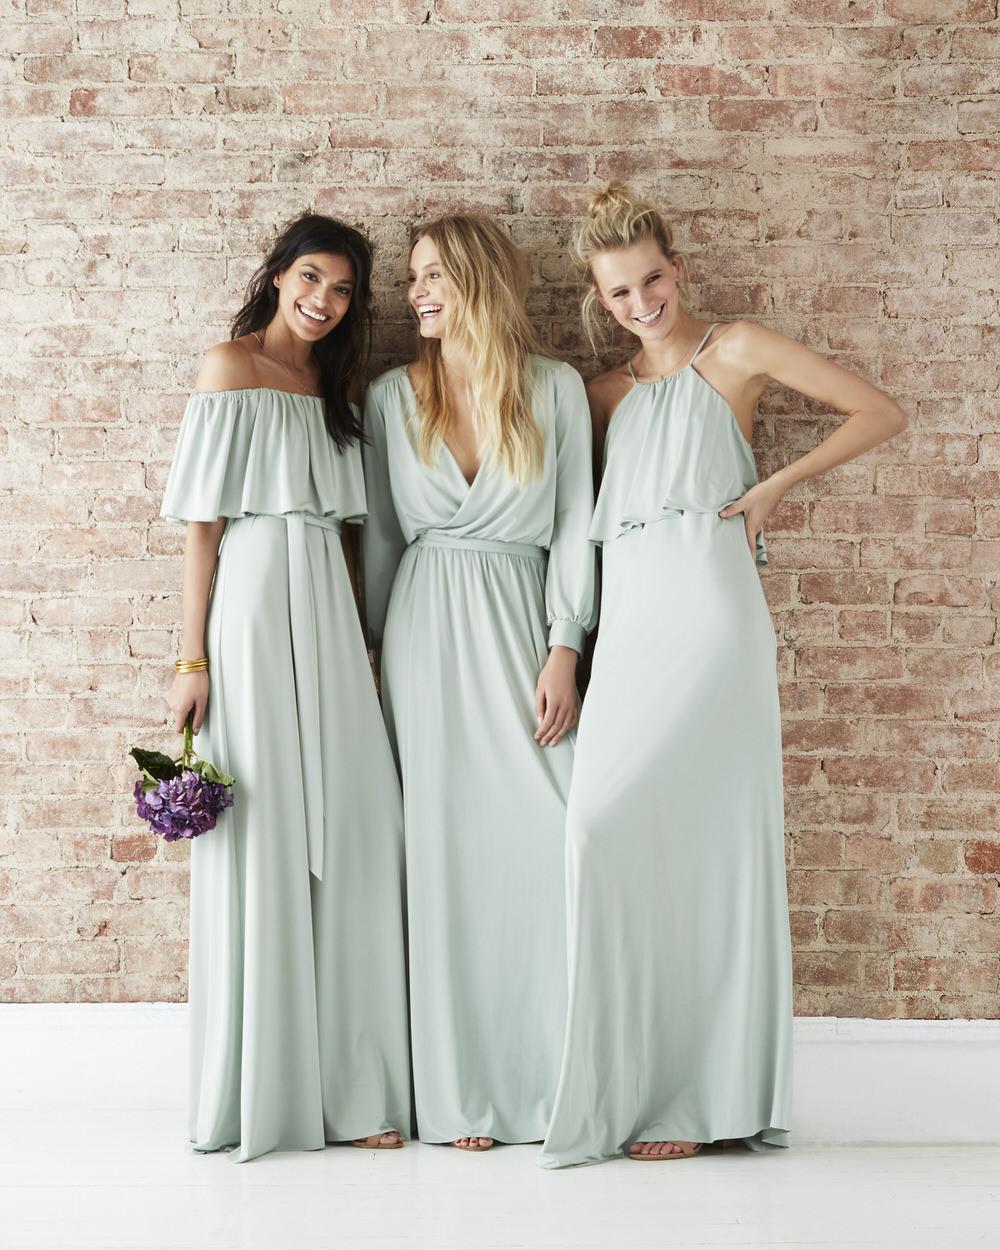 0e67c731cdd TwoBirds Bridesmaid Party Collection - ROCK MY WEDDING